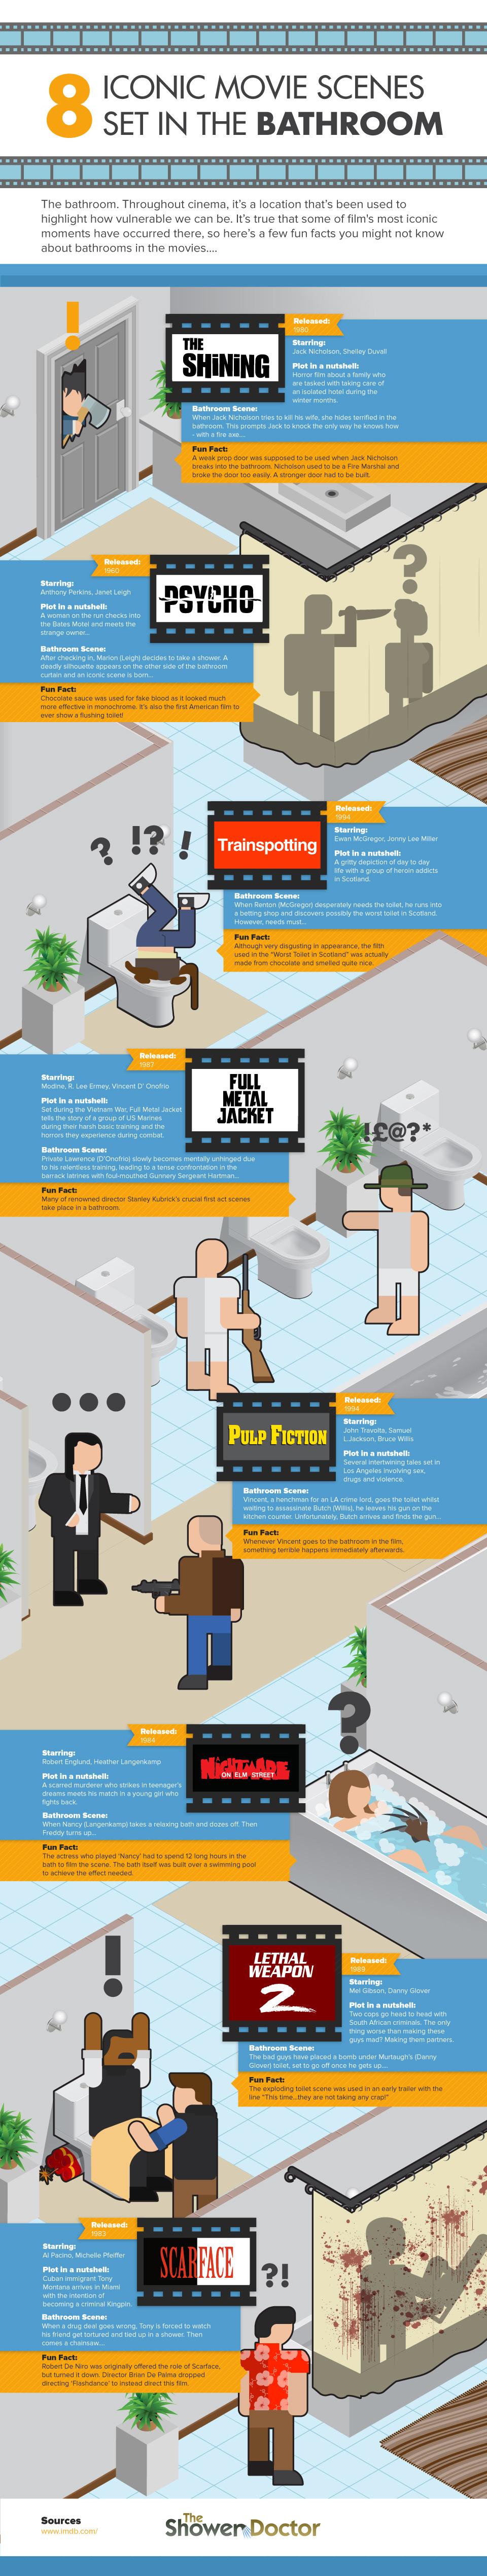 Iconic Bathroom Movie Scenes Infographic